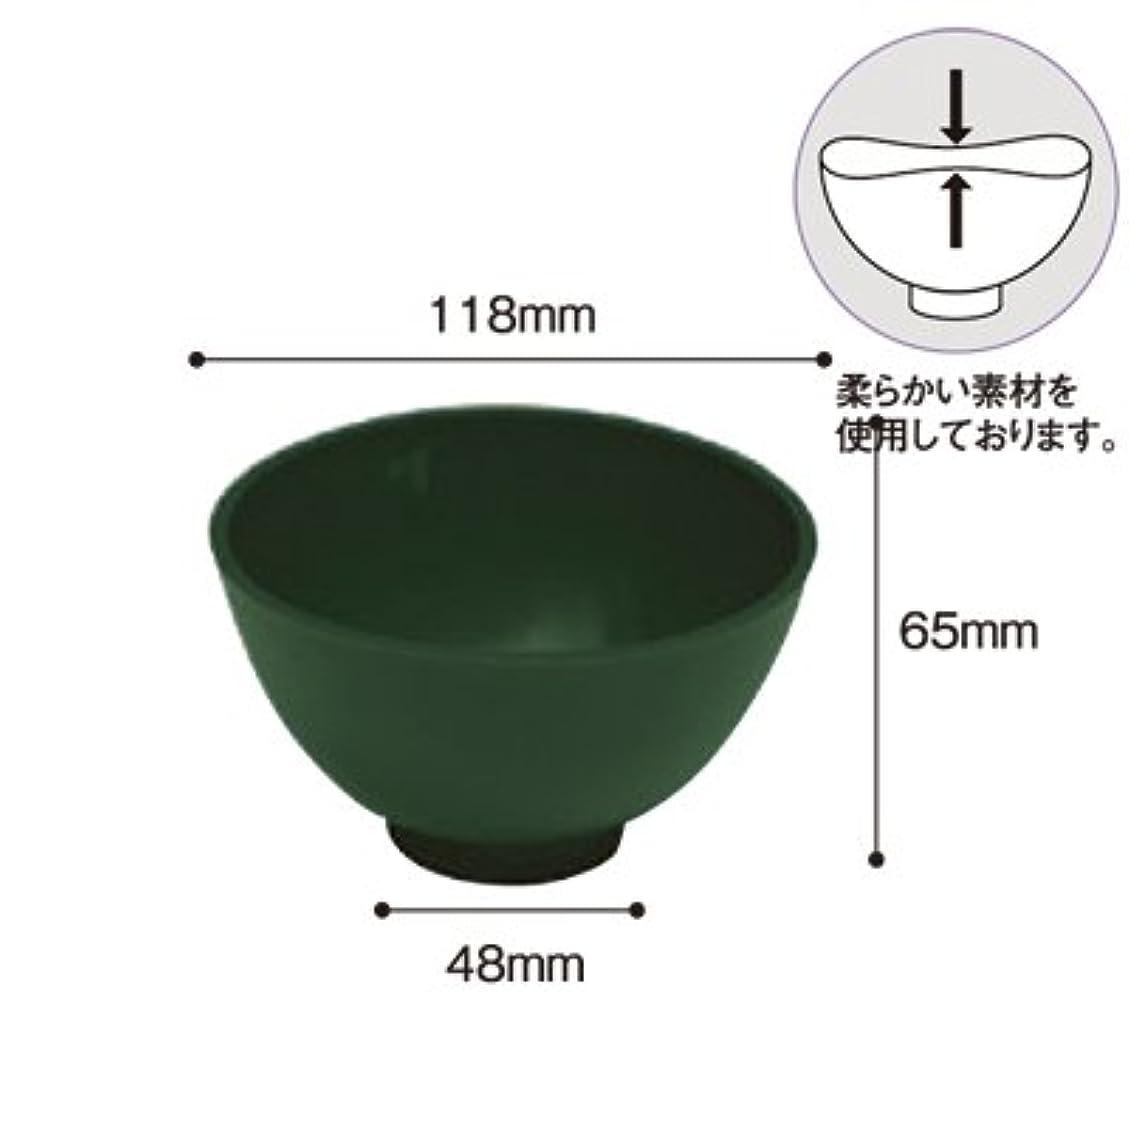 モディッシュ野な溶接(ロータス)LOTUS ラバーボウル エステ サロン 割れない カップ 歯科 Mサイズ (直径:127mm)グリーン